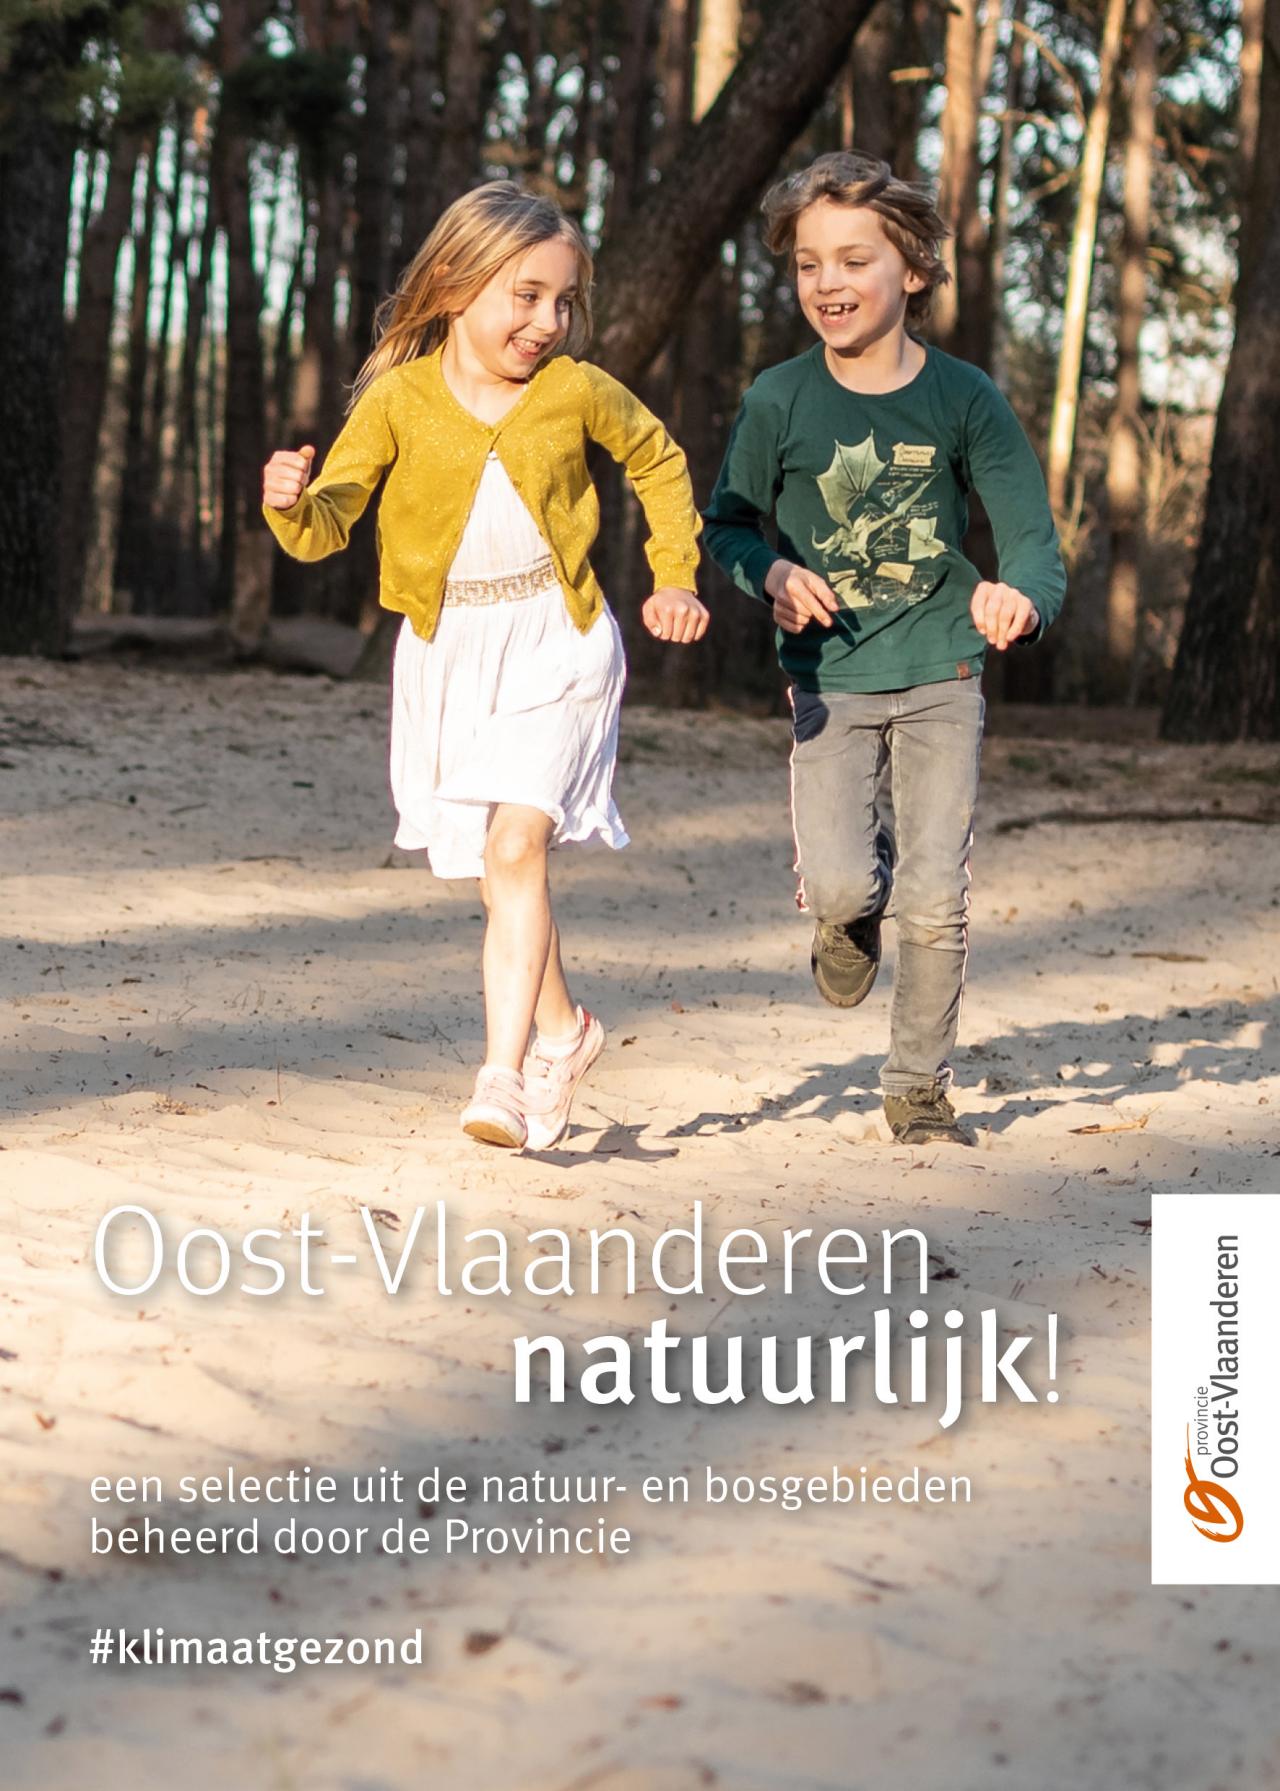 Covernfoto van brochure Oost-Vlaanderen natuurlijk!